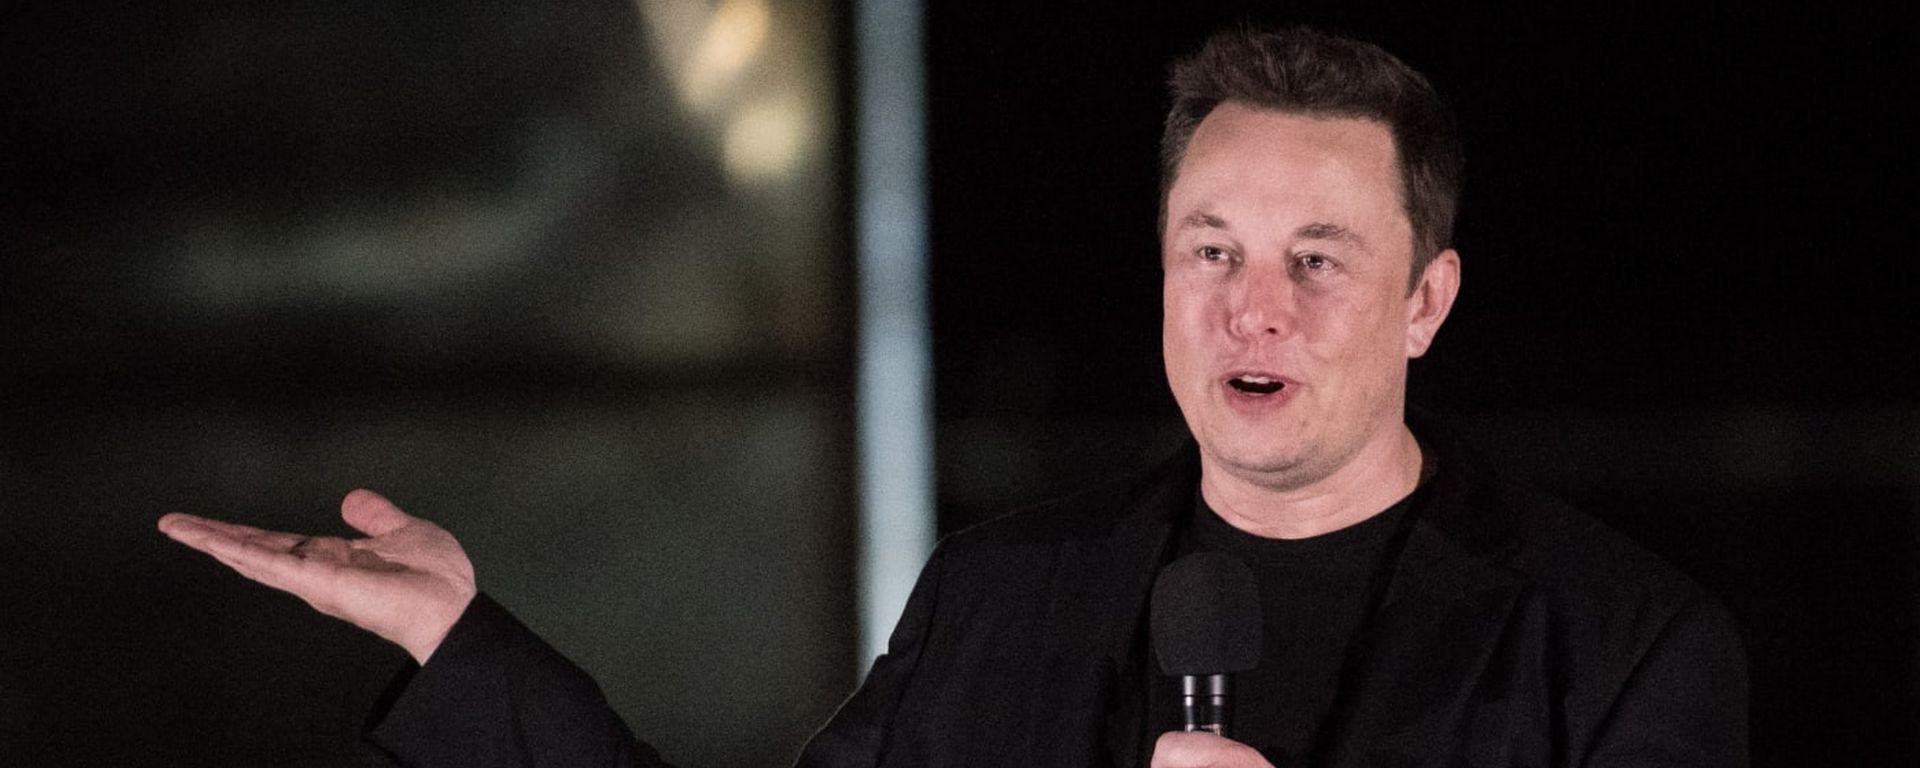 Elon Musk: il patron di Tesla è l'uomo più ricco del mondo